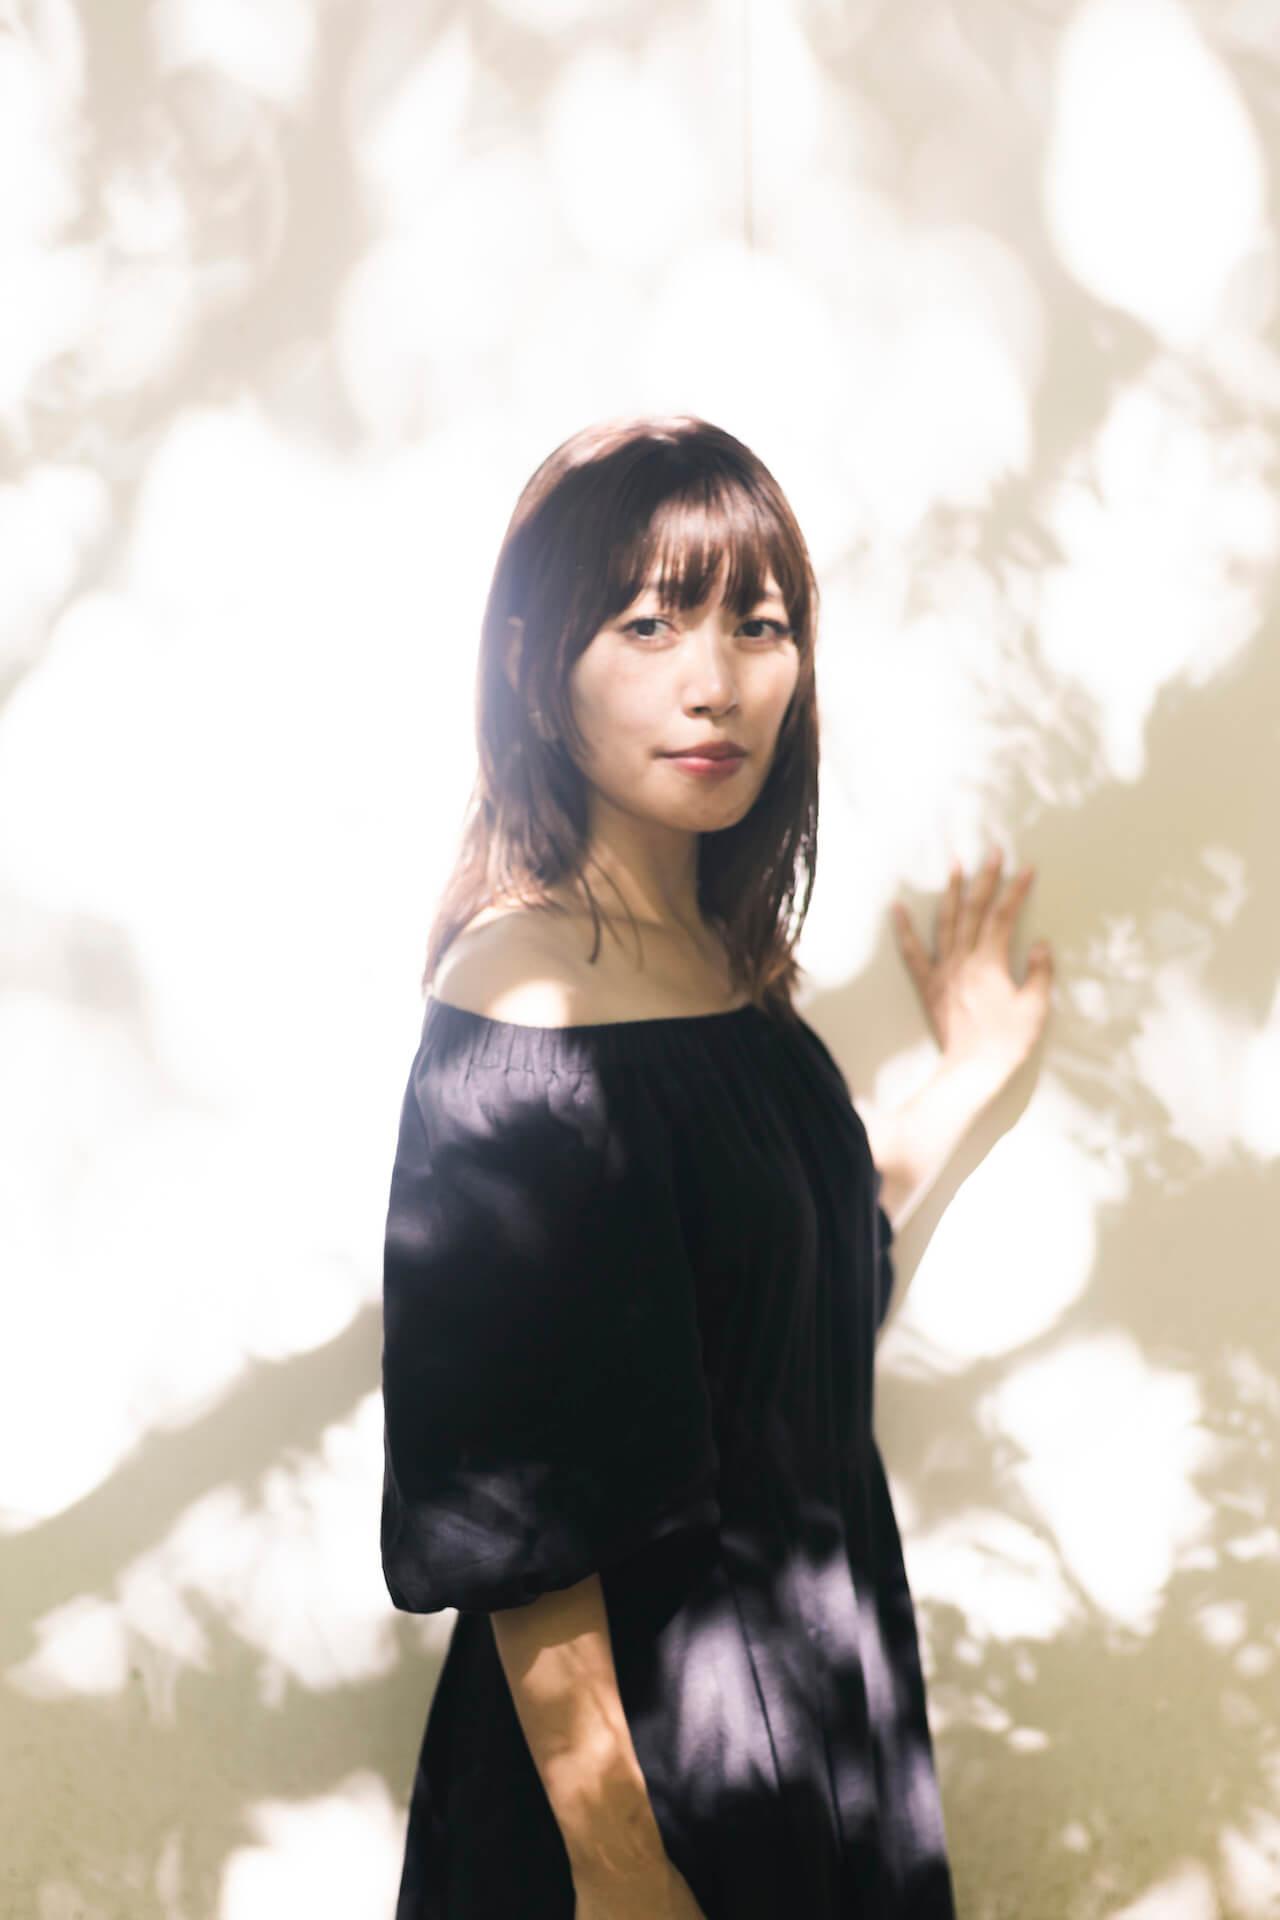 坂本美雨 with 関口シンゴによる珠玉のクリスマスソングがデジタル・リリース music191212-luminous-for-electric-moon-xmas-2